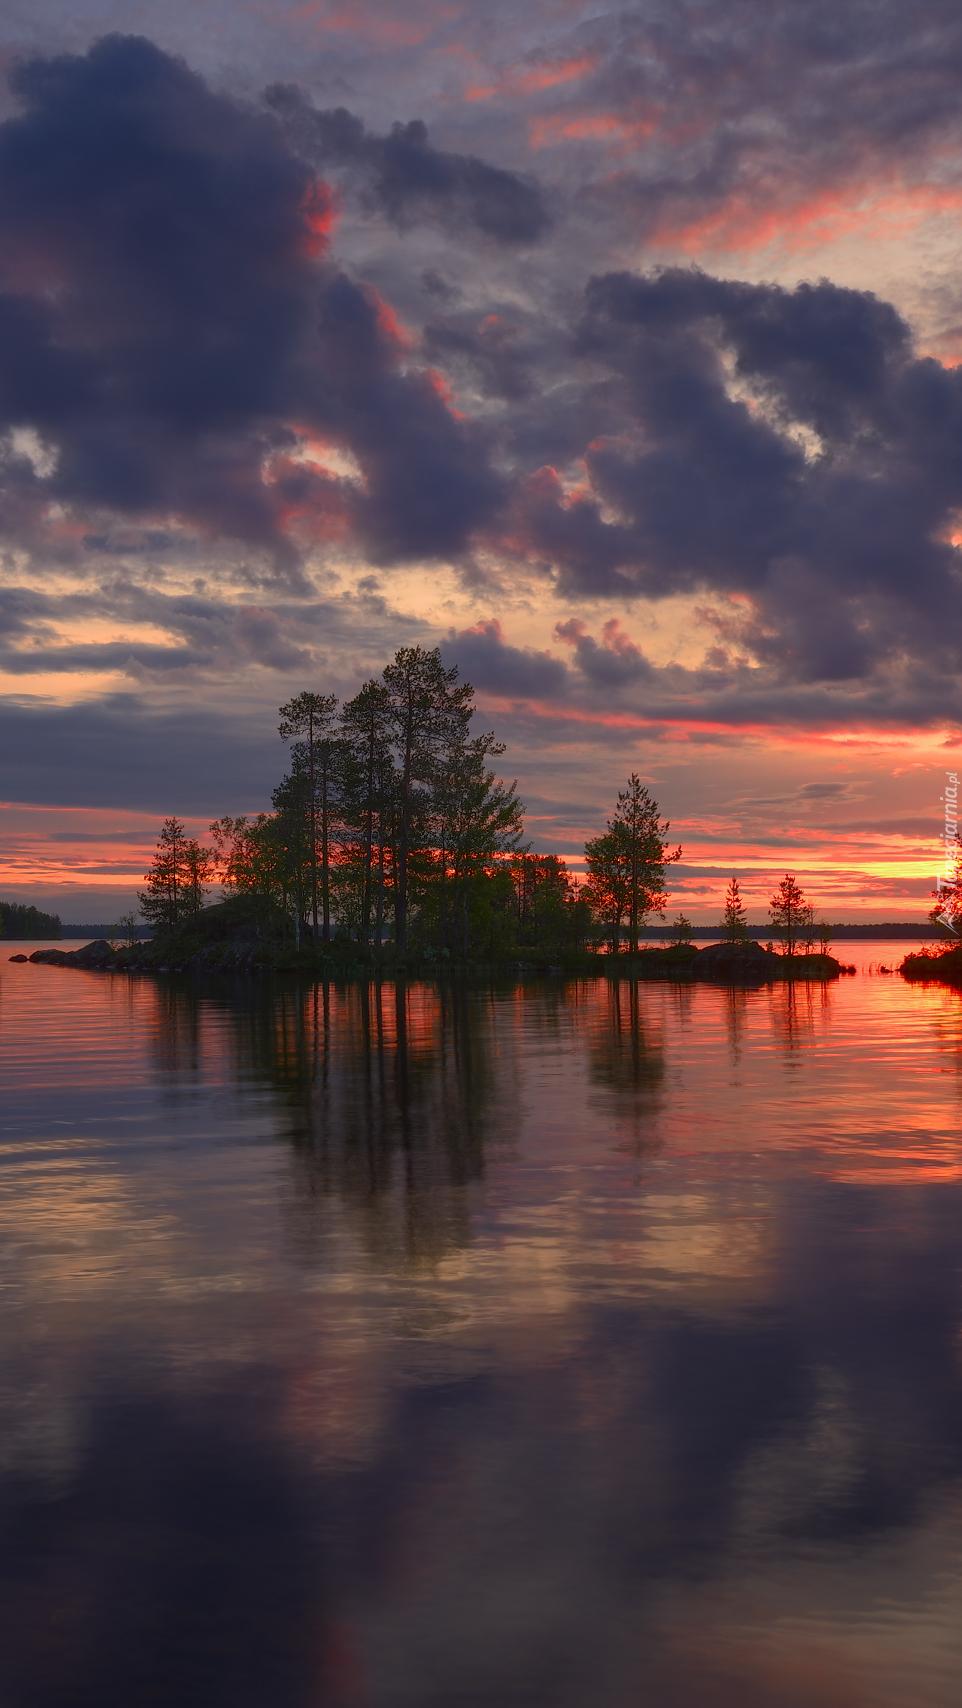 Wysepka z drzewami na środku jeziora